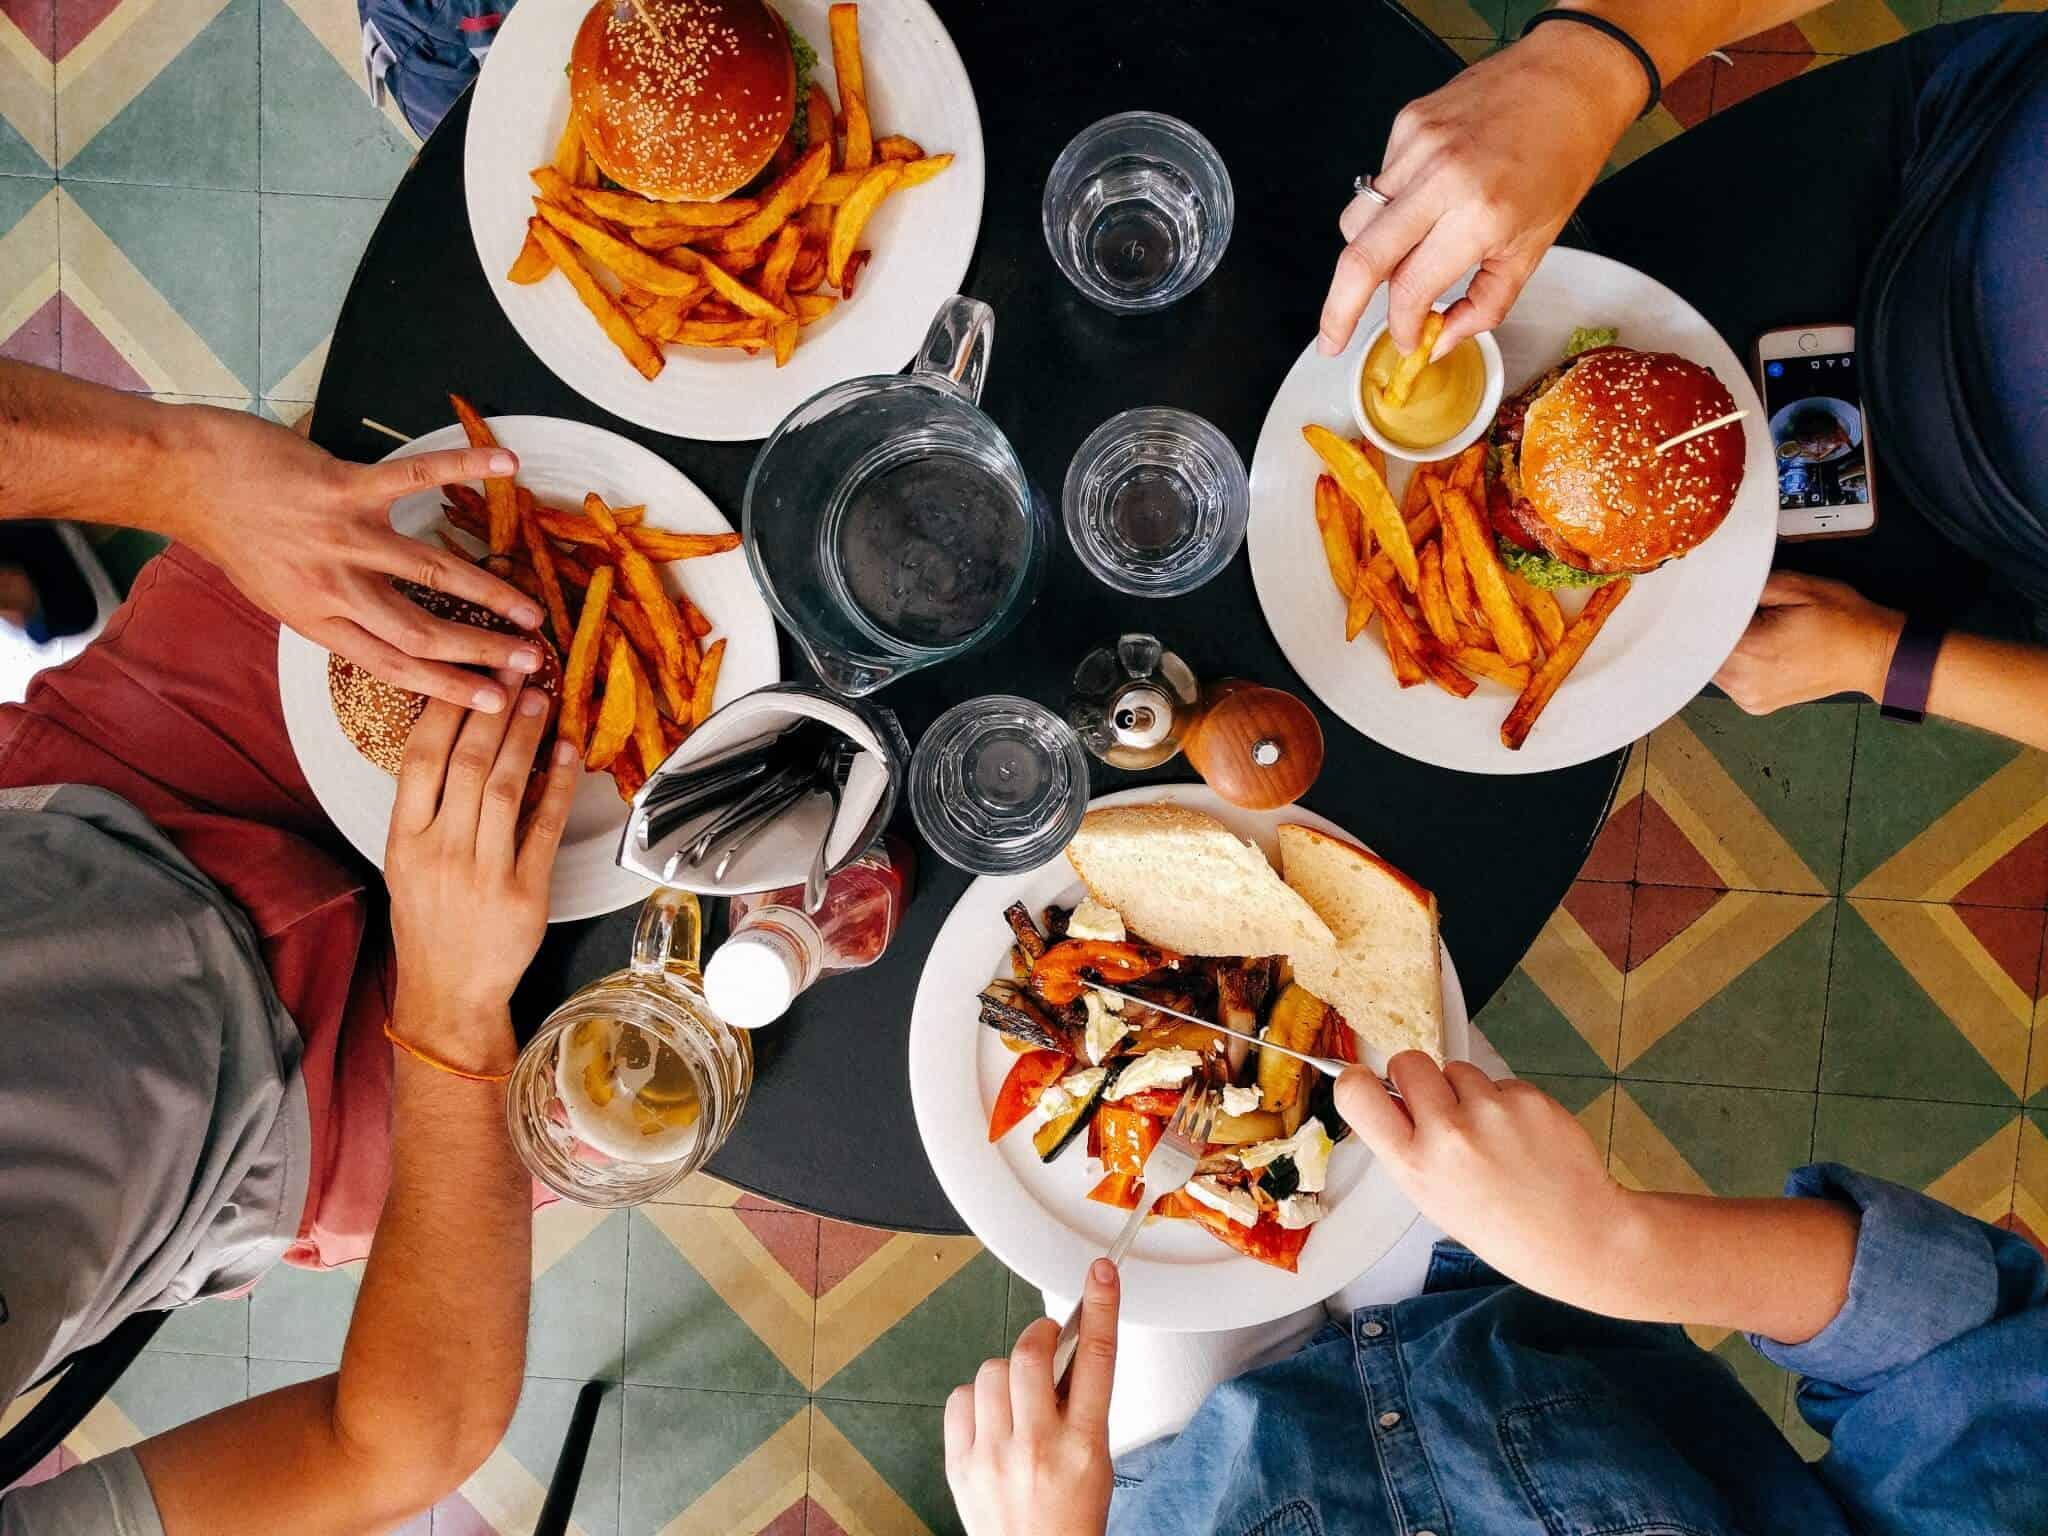 amigos reunidos à mesa com comida e bebida